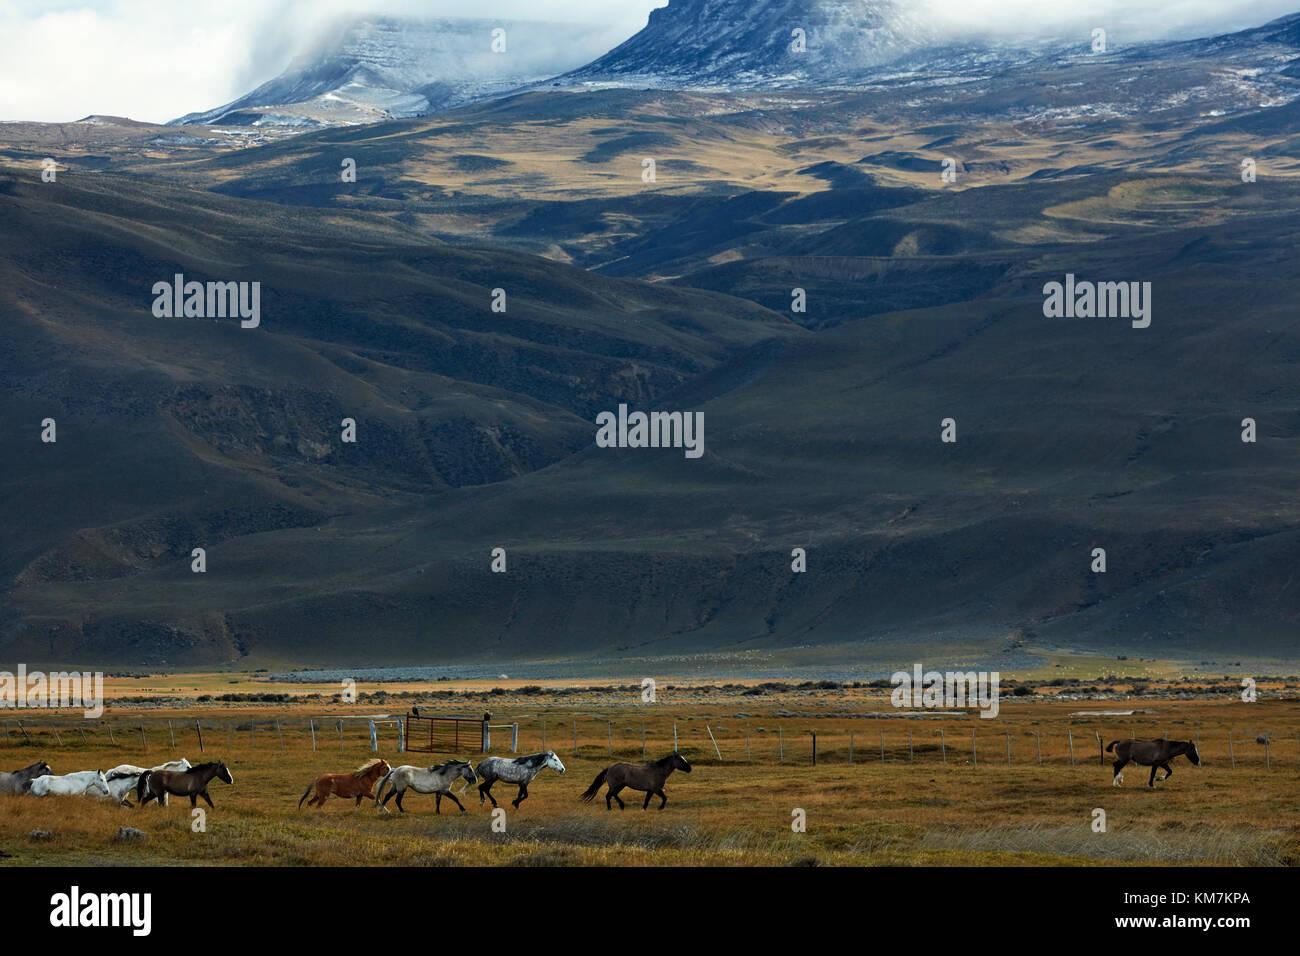 Caballos y tierras de cultivo cerca de El Chaltén, Patagonia argentina, SUDAMÉRICA Imagen De Stock